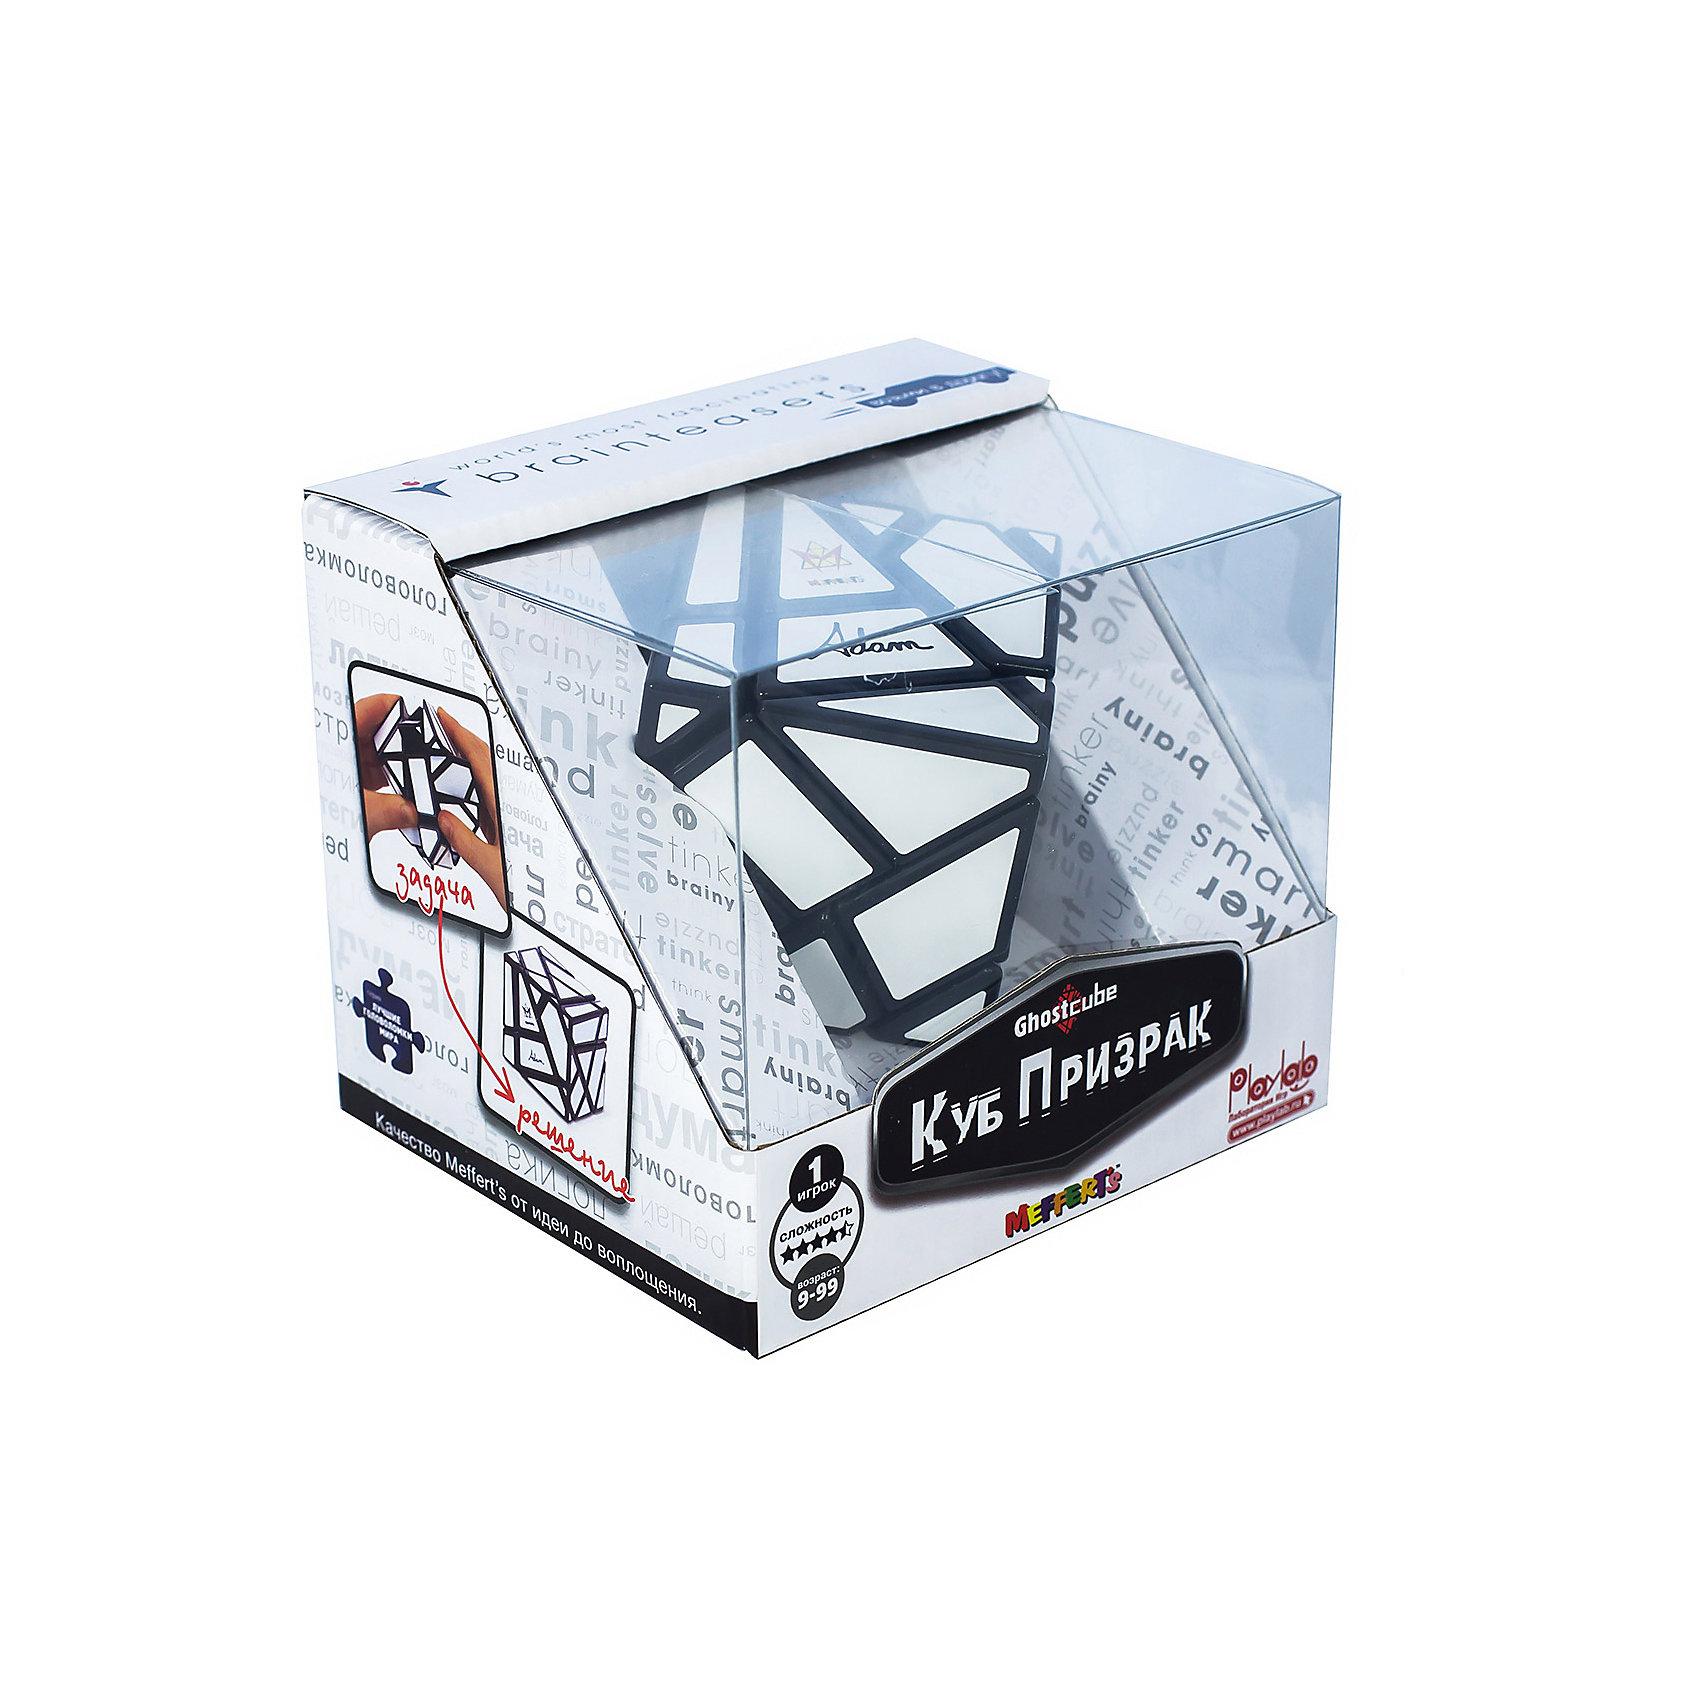 Головоломка Mefferts Куб ПризракОбъёмные головоломки<br>Характеристики:<br><br>• возраст: от 8 лет;<br>• сложность игры: «продвинутый» уровень;<br>• материал: пластик;<br>• количество игроков: 1;<br>• время игры: 30 мин.;<br>• размер упаковки 10,5х11х13 см;<br>• вес упаковки 400 г.;<br>• тип упаковки: бумажная коробка; <br>• размер игрушки: 5,7х5,7х5,7 см.<br><br>Головоломка Кубик-мираж, быстро теряющий свою форму, пока его не соберут. Куб-призрак белого цвета только в собранном виде становится кубом. Все остальное время эта головоломка похожа на невероятную фигуру из элементов разной формы. <br><br>Автор этого призрачного куба (в оригинале Ghost Cube) - знаменитый изобретатель Adam G Cowan.<br><br>В основе игры лежит формула головоломки 3х3х3, однако здесь есть ряд усложнений: нечёткие слои, элементы самых разных форм и только один цвет. <br><br>Головоломку «Куб Призрак», Mefferts  можно приобрести в нашем интернет-магазине.<br><br>Ширина мм: 105<br>Глубина мм: 130<br>Высота мм: 110<br>Вес г: 350<br>Возраст от месяцев: 108<br>Возраст до месяцев: 2147483647<br>Пол: Унисекс<br>Возраст: Детский<br>SKU: 7029009